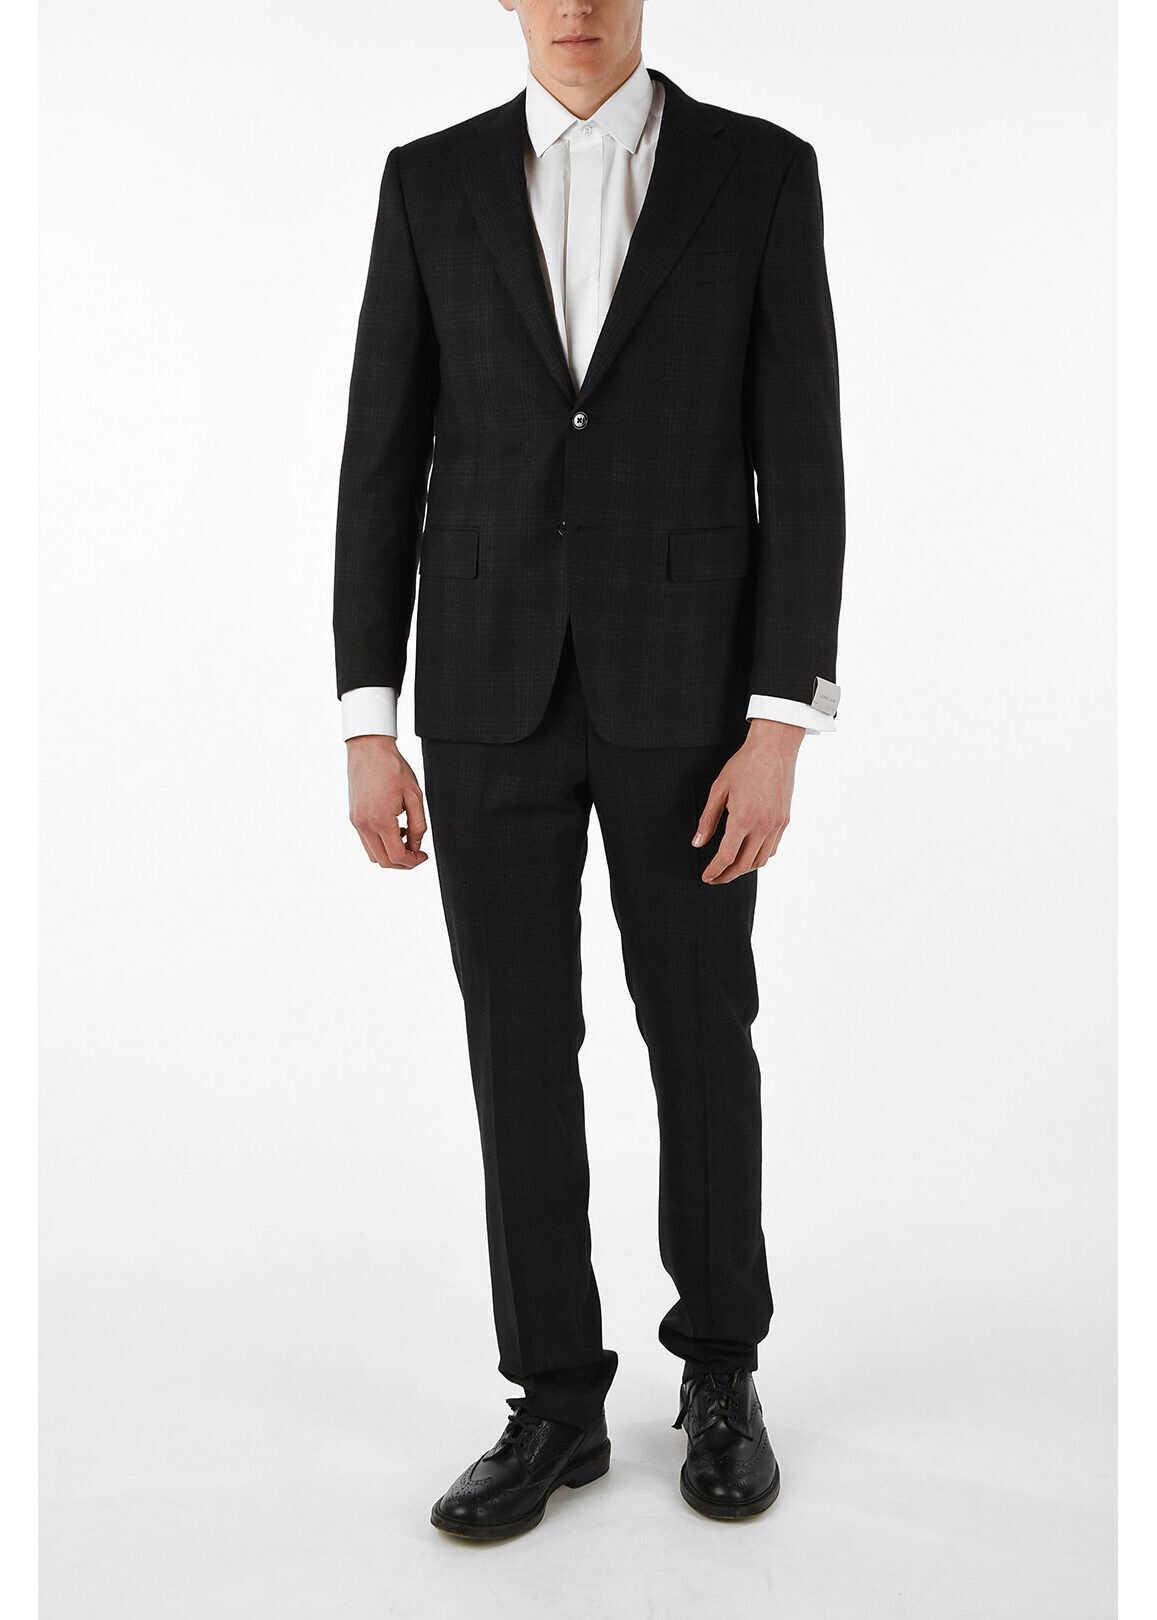 MANTUA notch lapel plaid 2-button suit thumbnail